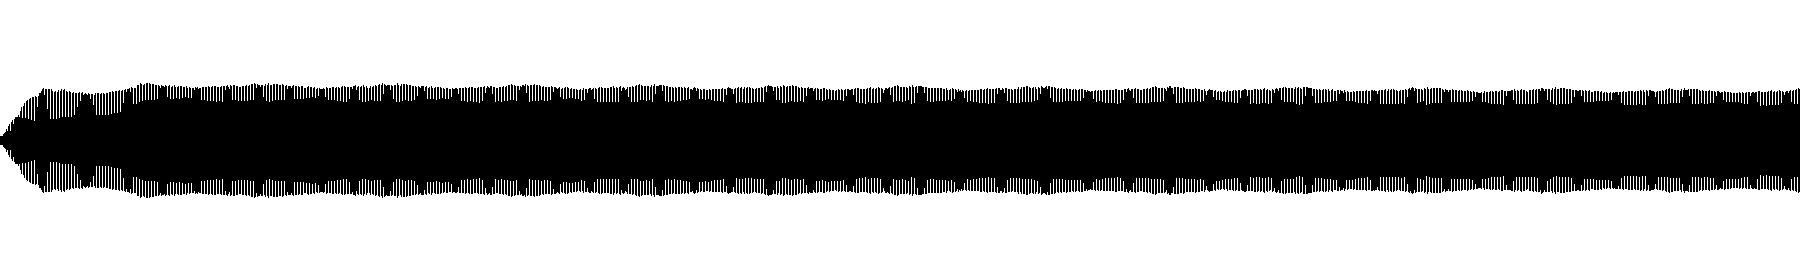 fluteclean2 c3